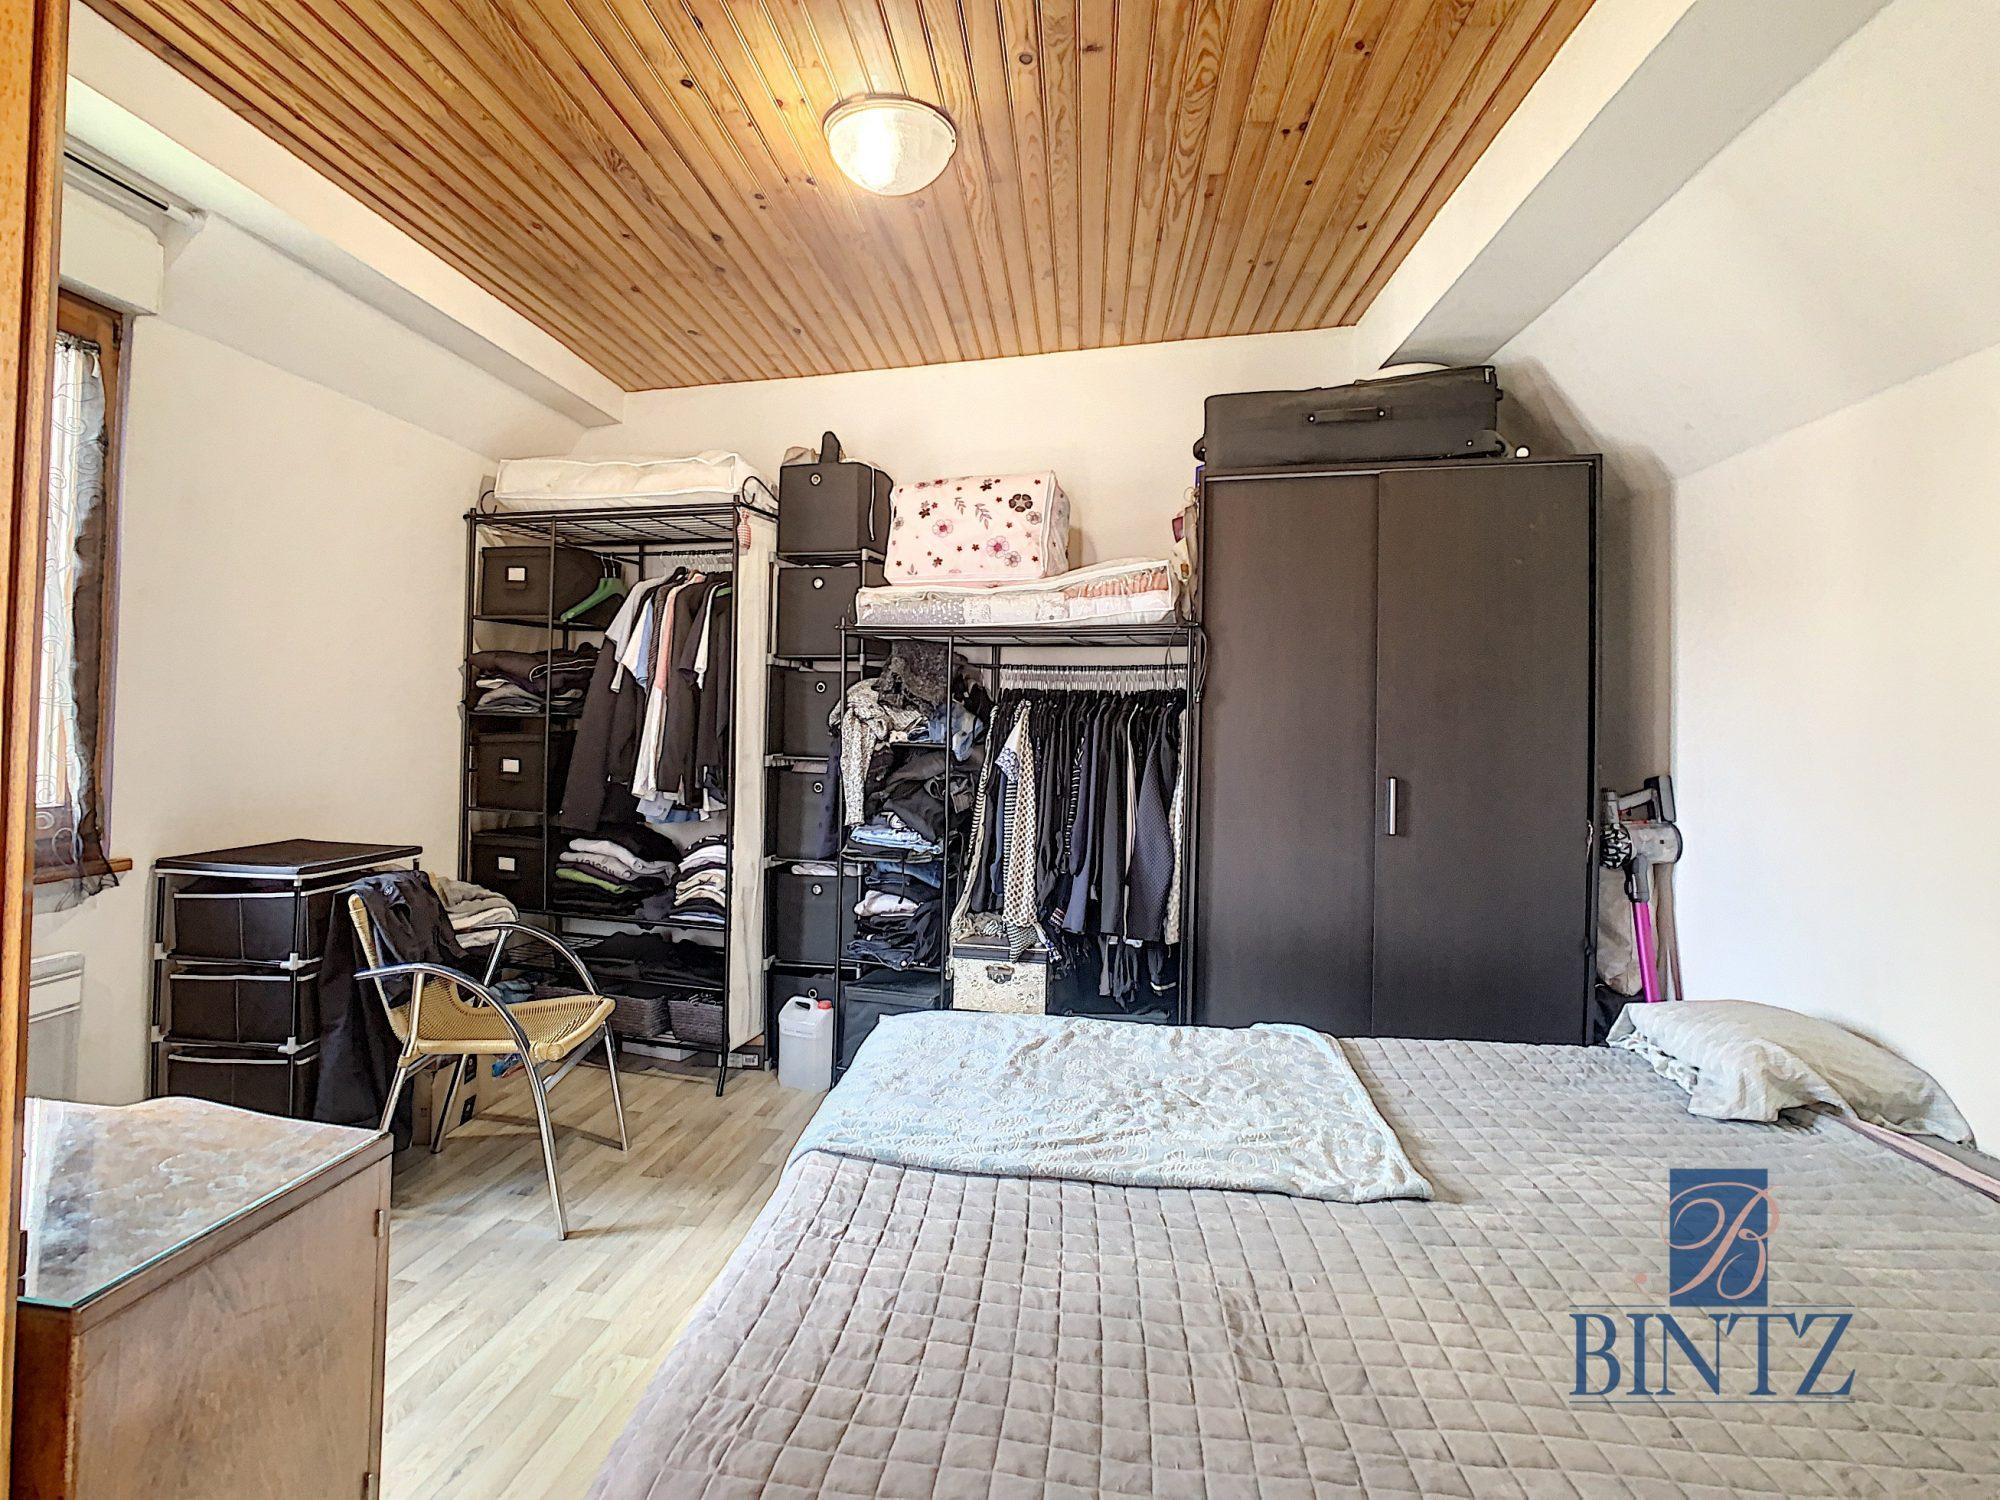 Pour investisseur : maison 2 pièces louée, avec garage fermé - Devenez propriétaire en toute confiance - Bintz Immobilier - 7